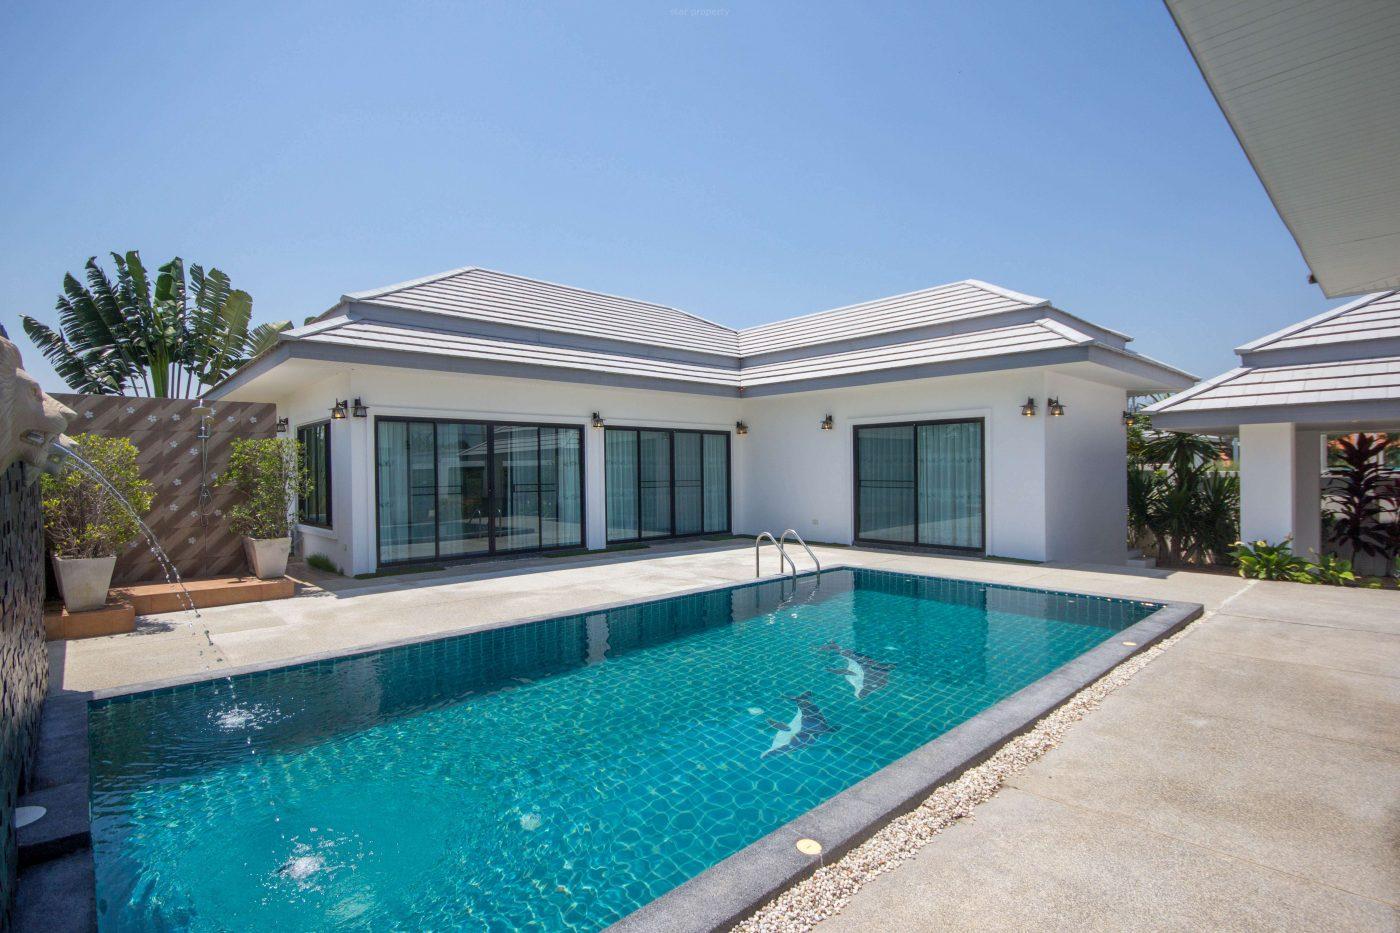 Pool Villa For Sale Soi 70 at Hua Hin District, Prachuap Khiri Khan, Thailand